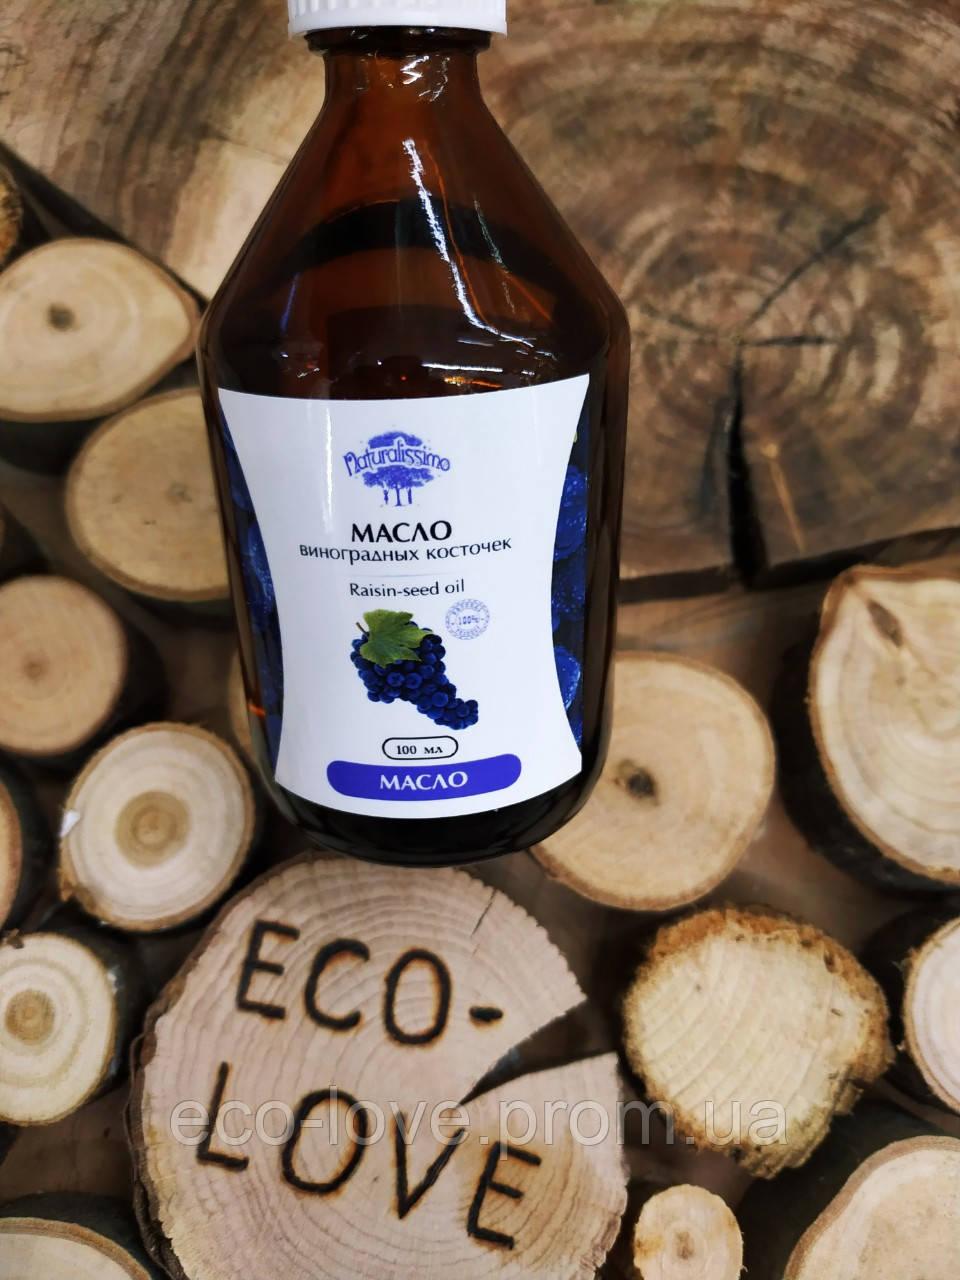 Масло виноградных косточек, Naturalissimo, 100 мл